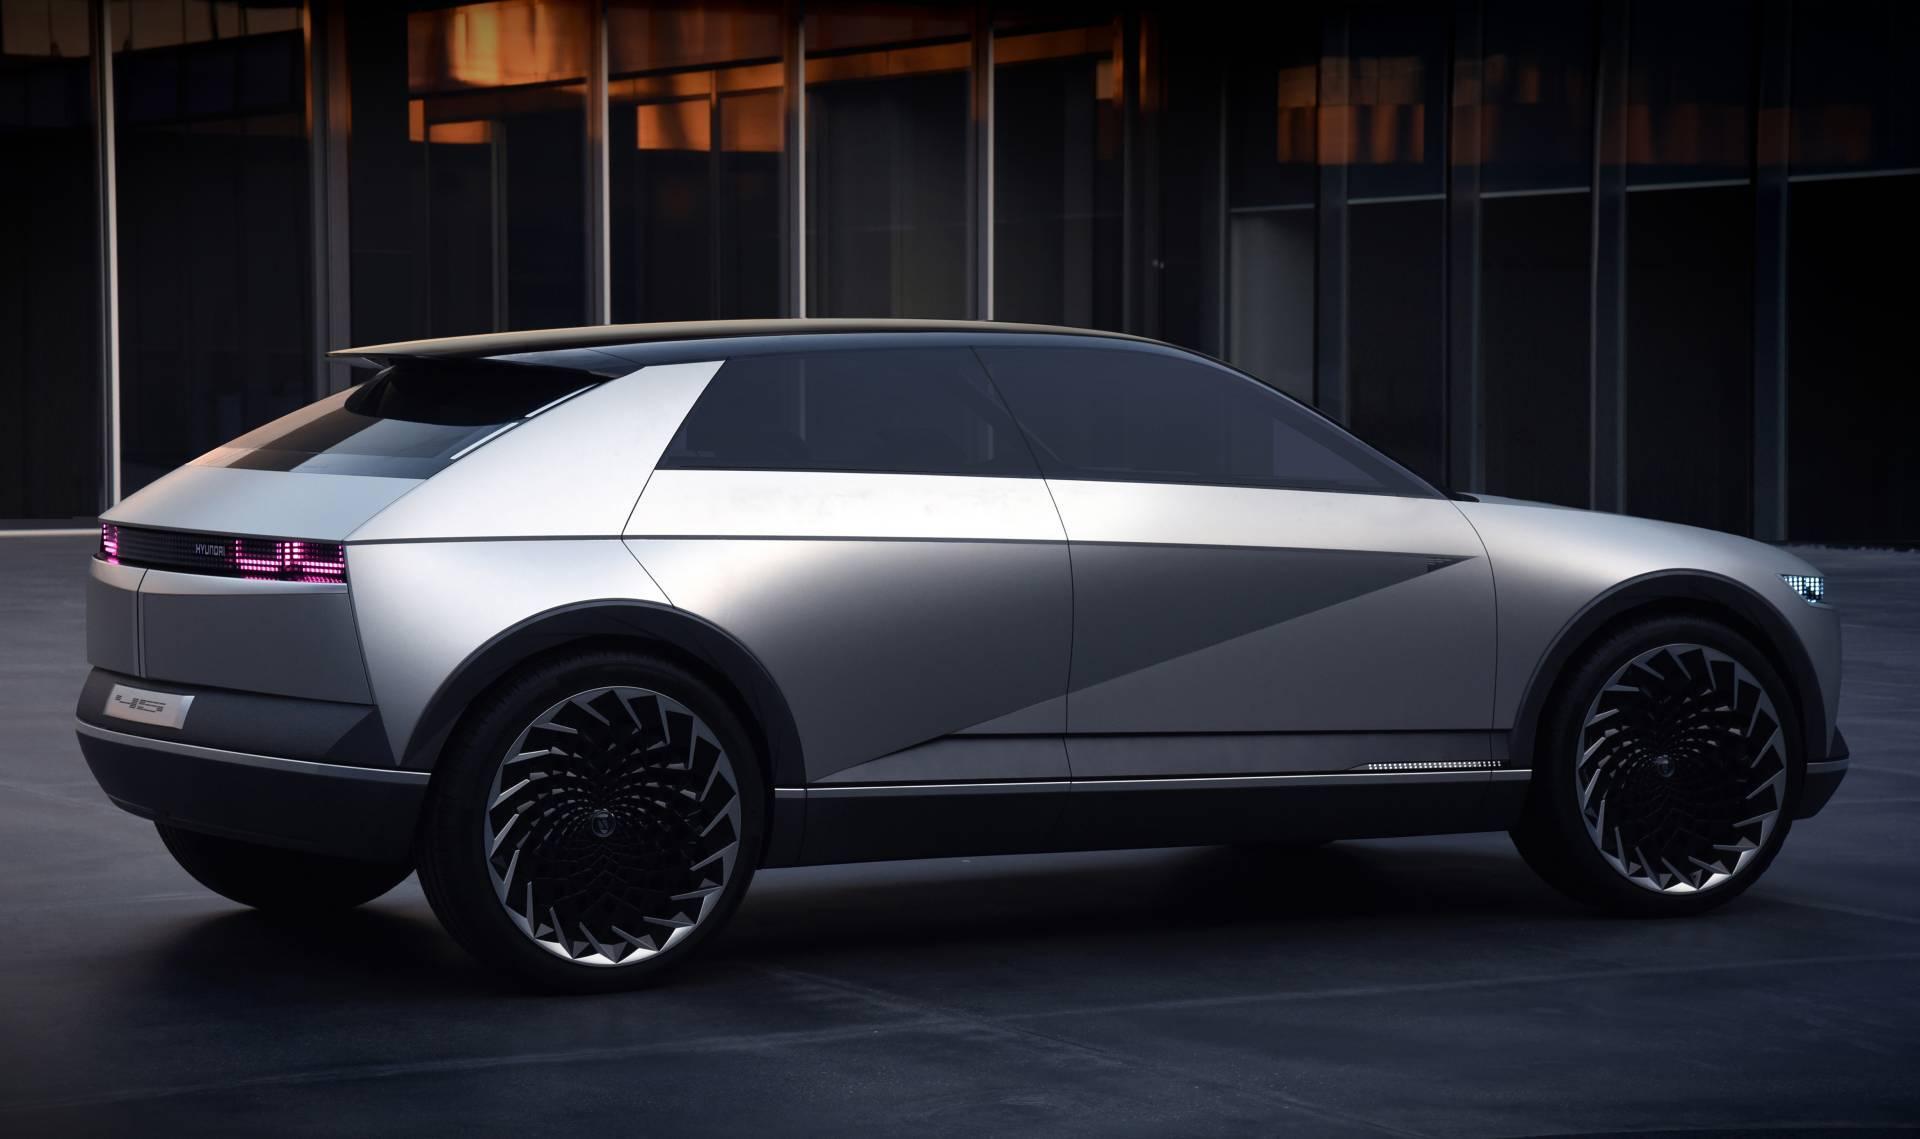 Электромобиль Hyundai 45 в сентябре 2019 года удивил своим дизайном